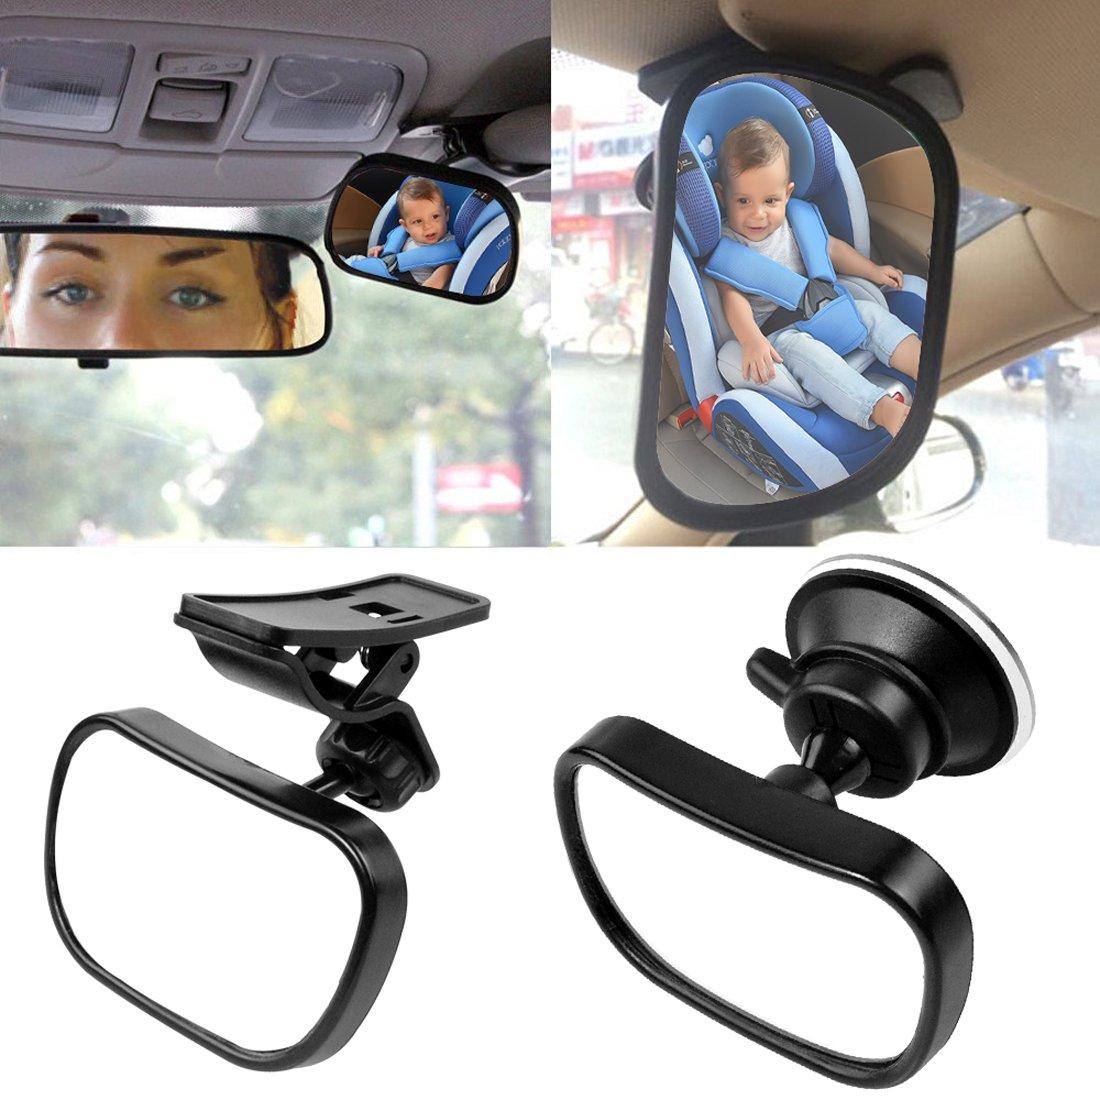 Starcrafter Specchietto retrovisore interno per auto (85¡ Á 50mm), Vi consente di prendersi cura il vostro bambino attraverso lo specchietto senza distrarsi dalla guida, regolabile con ventosa e clip adatto a tutti i tipi di vetture 1730672